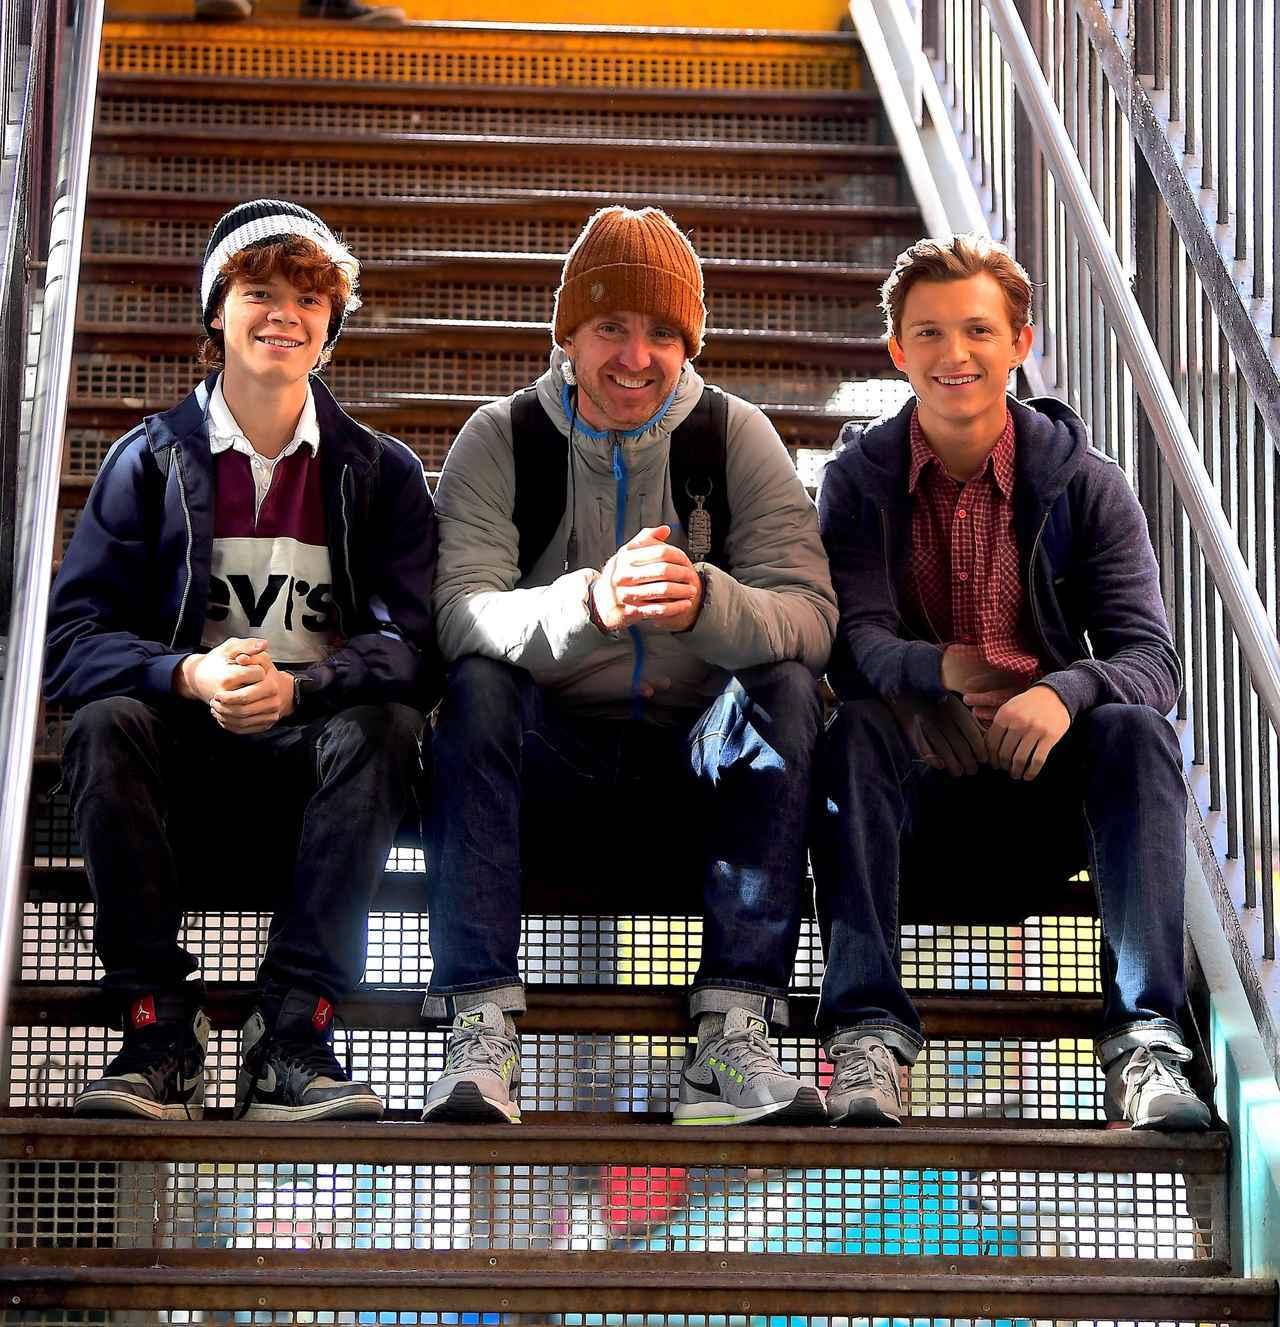 画像: 右に座っているのがトムの弟ハリー。